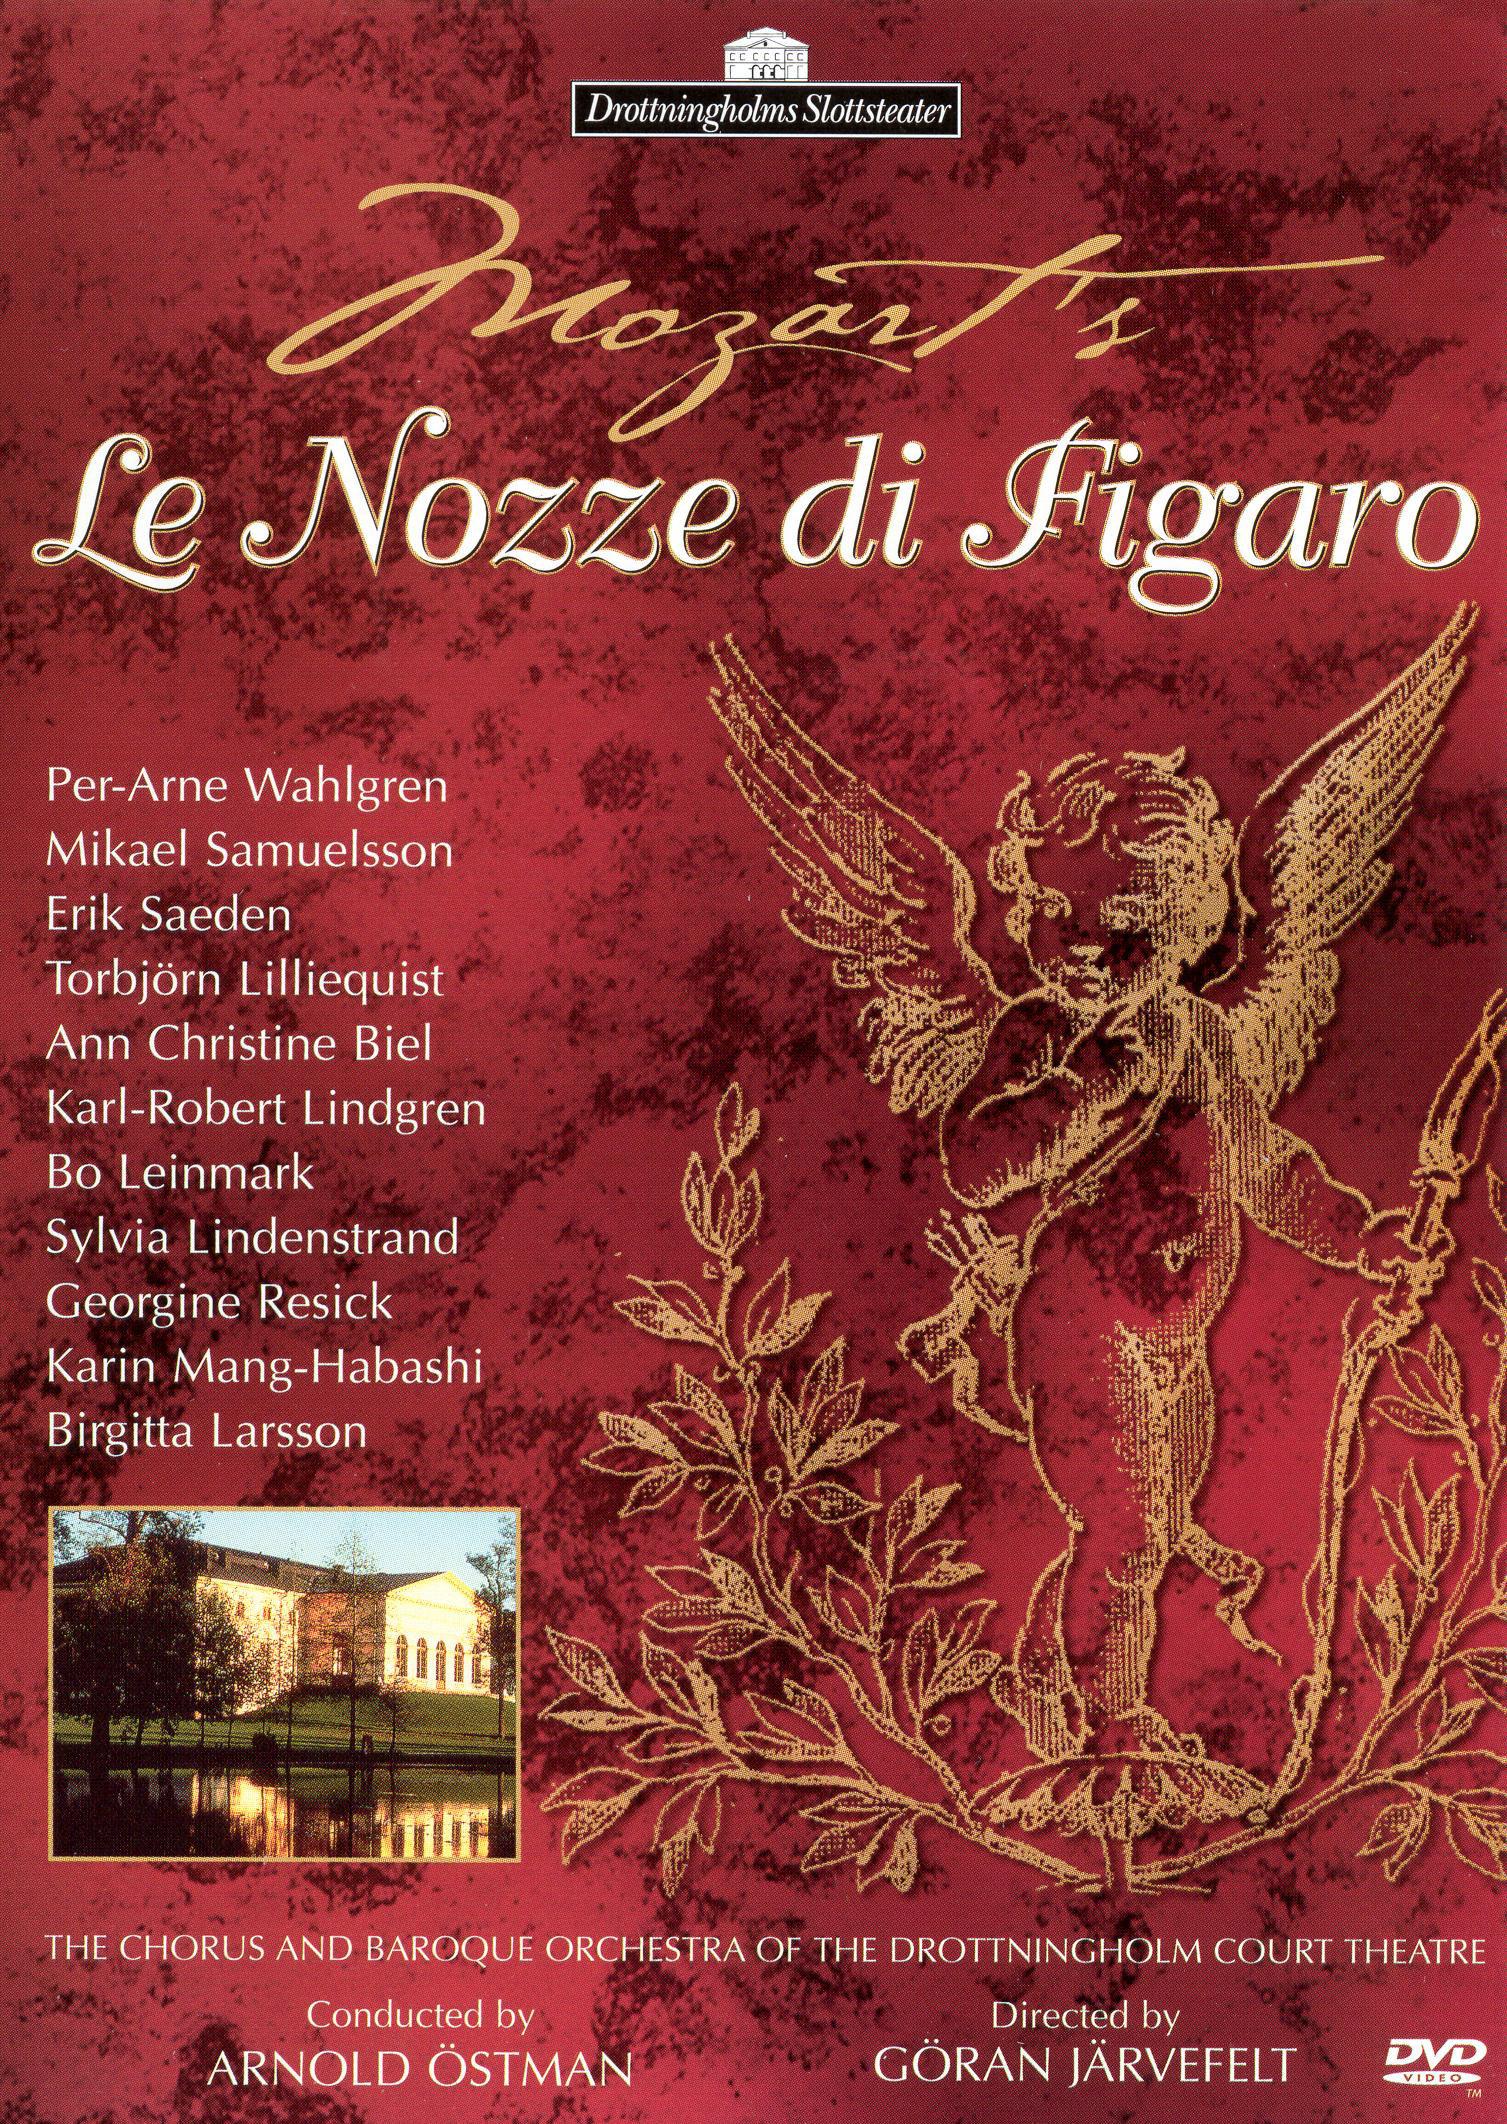 Le Nozze di Figaro (Drottningholms Slottsteater)